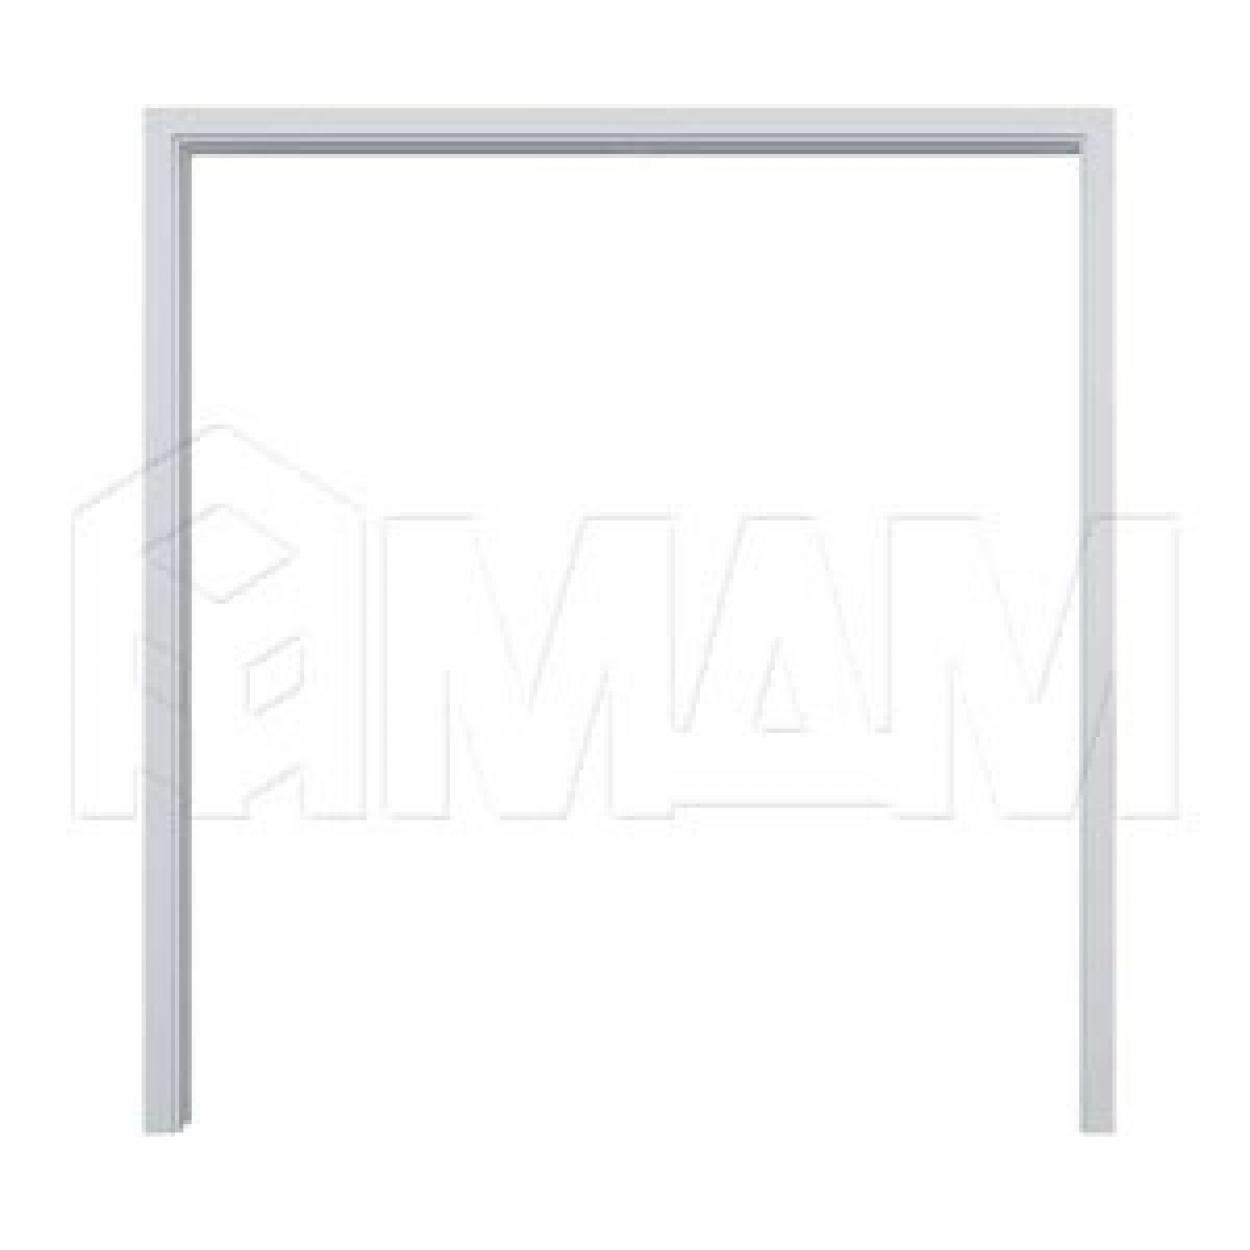 GUSTAVSON Рамка и наличники для двух дверей шириной 600 мм, толщина 100 мм, МДФ, белый